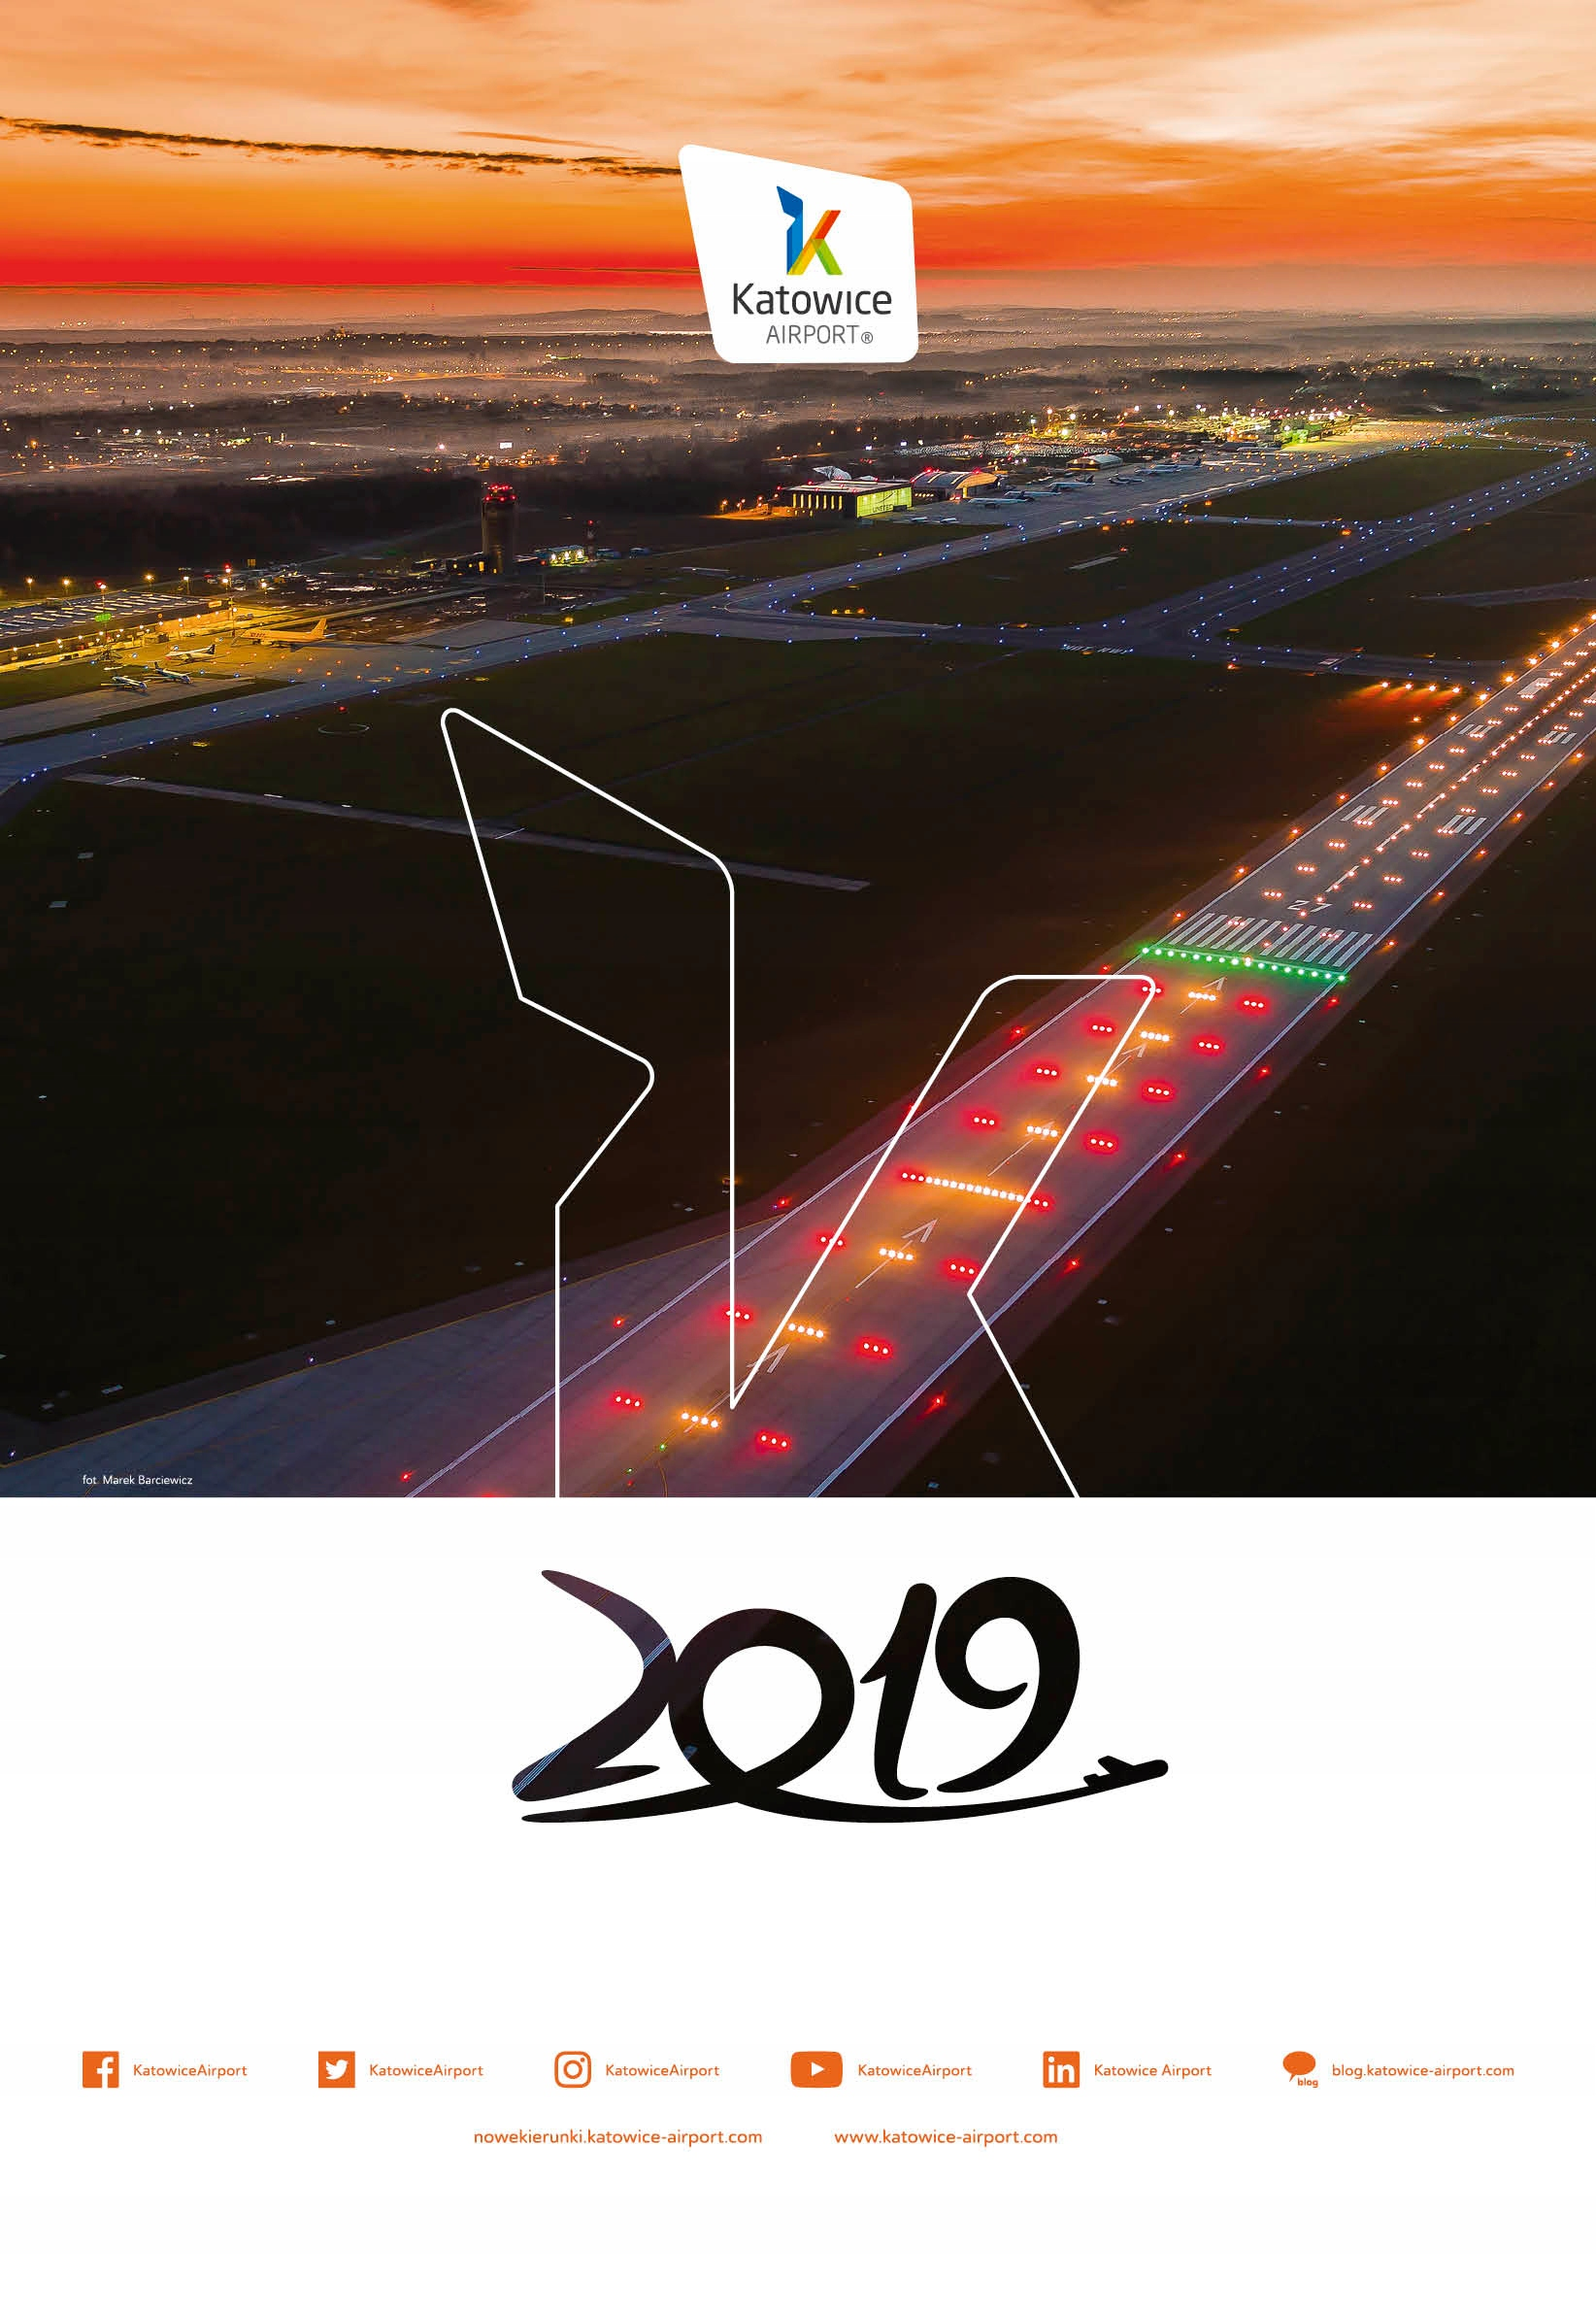 Kalendarz ścienny Katowice Airport na rok 2019